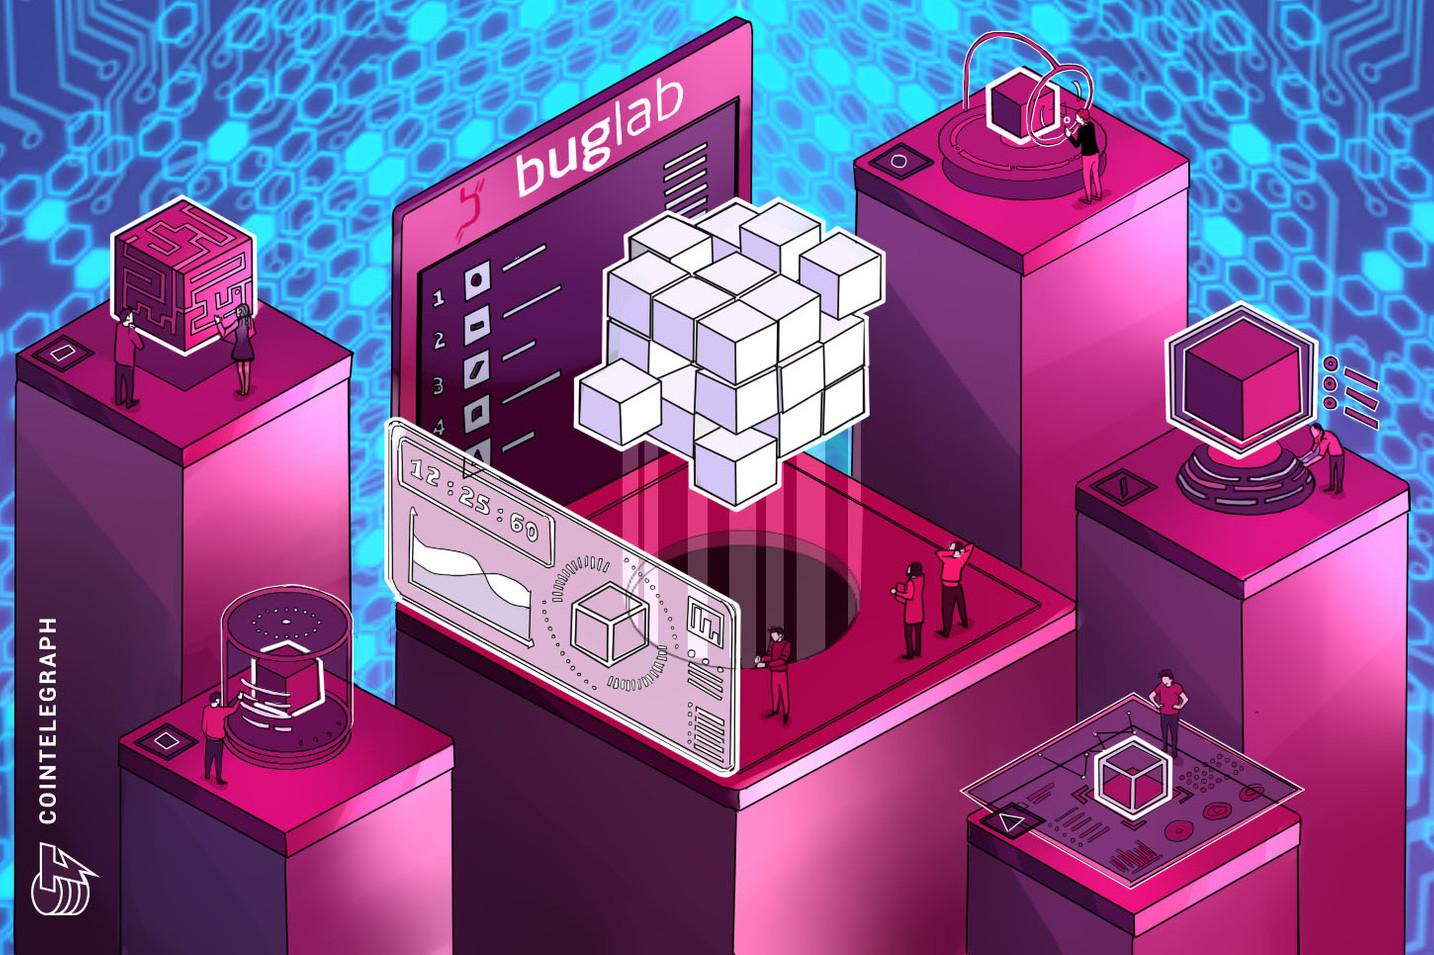 Una piattaforma organizzerà un concorso per mettere alla prova il livello di sicurezza degli exchange di criptovalute